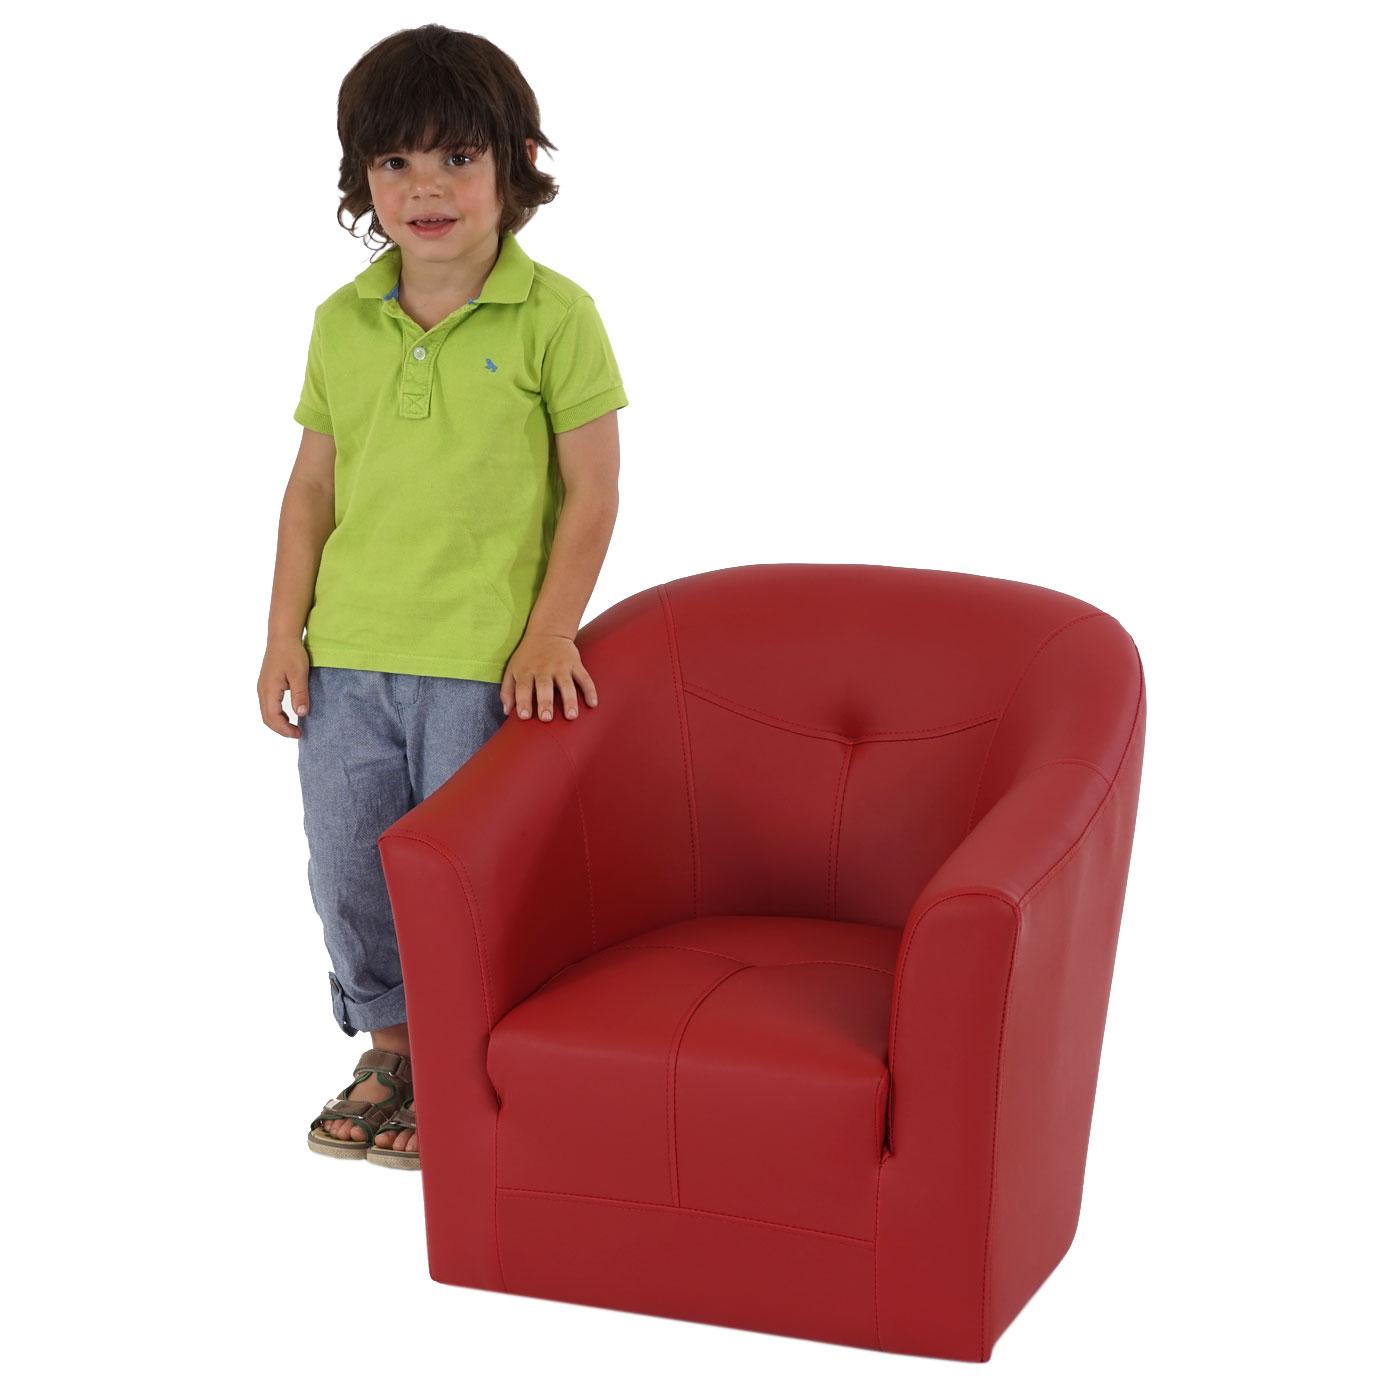 kindersessel madison kinderm bel sessel kinder kunstleder rot oder schwarz ebay. Black Bedroom Furniture Sets. Home Design Ideas